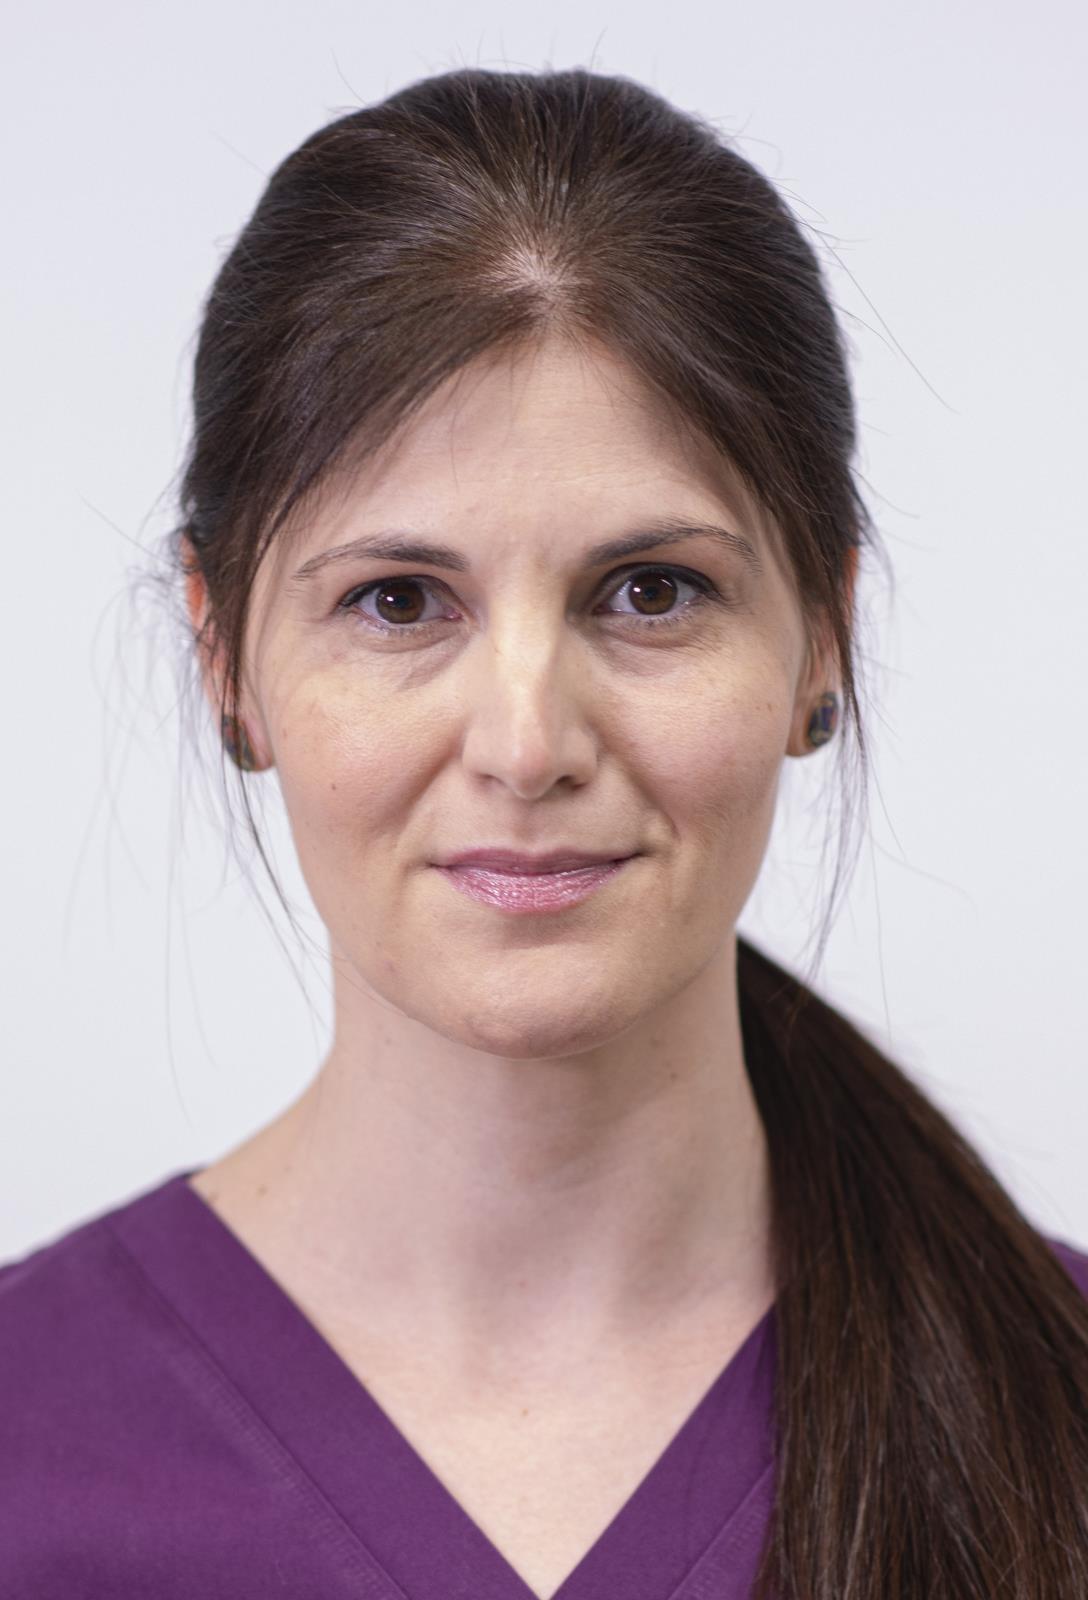 Dr. Cecilia Enescu